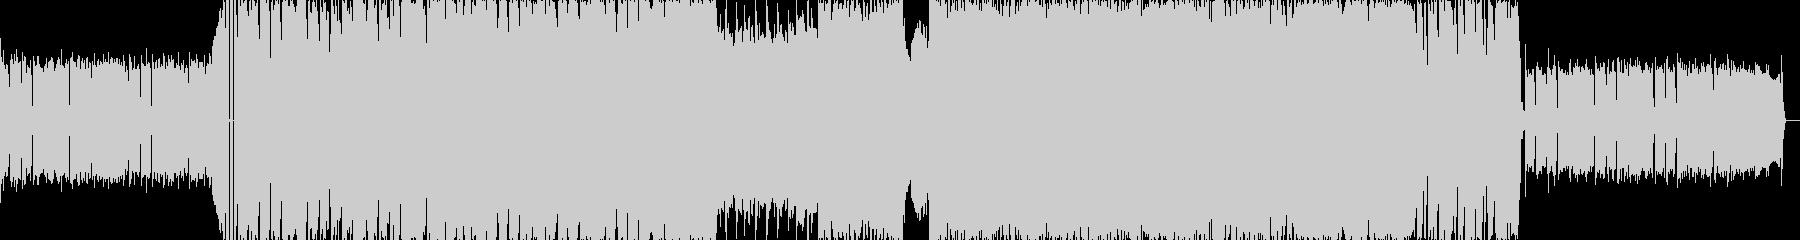 スクラッチミクスチャーラウドロックBの未再生の波形